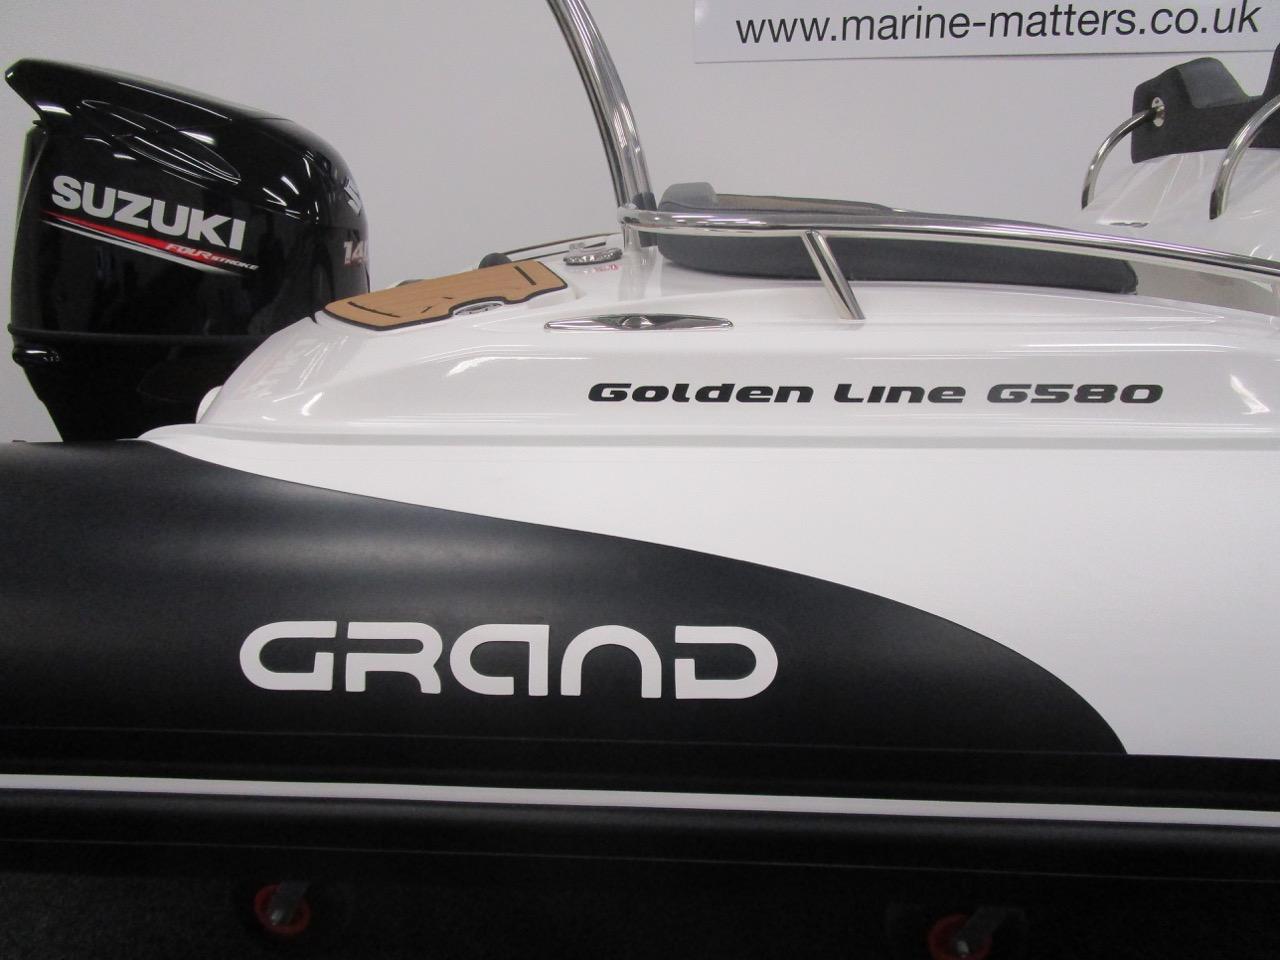 GRAND Golden Line G580 RIB logo